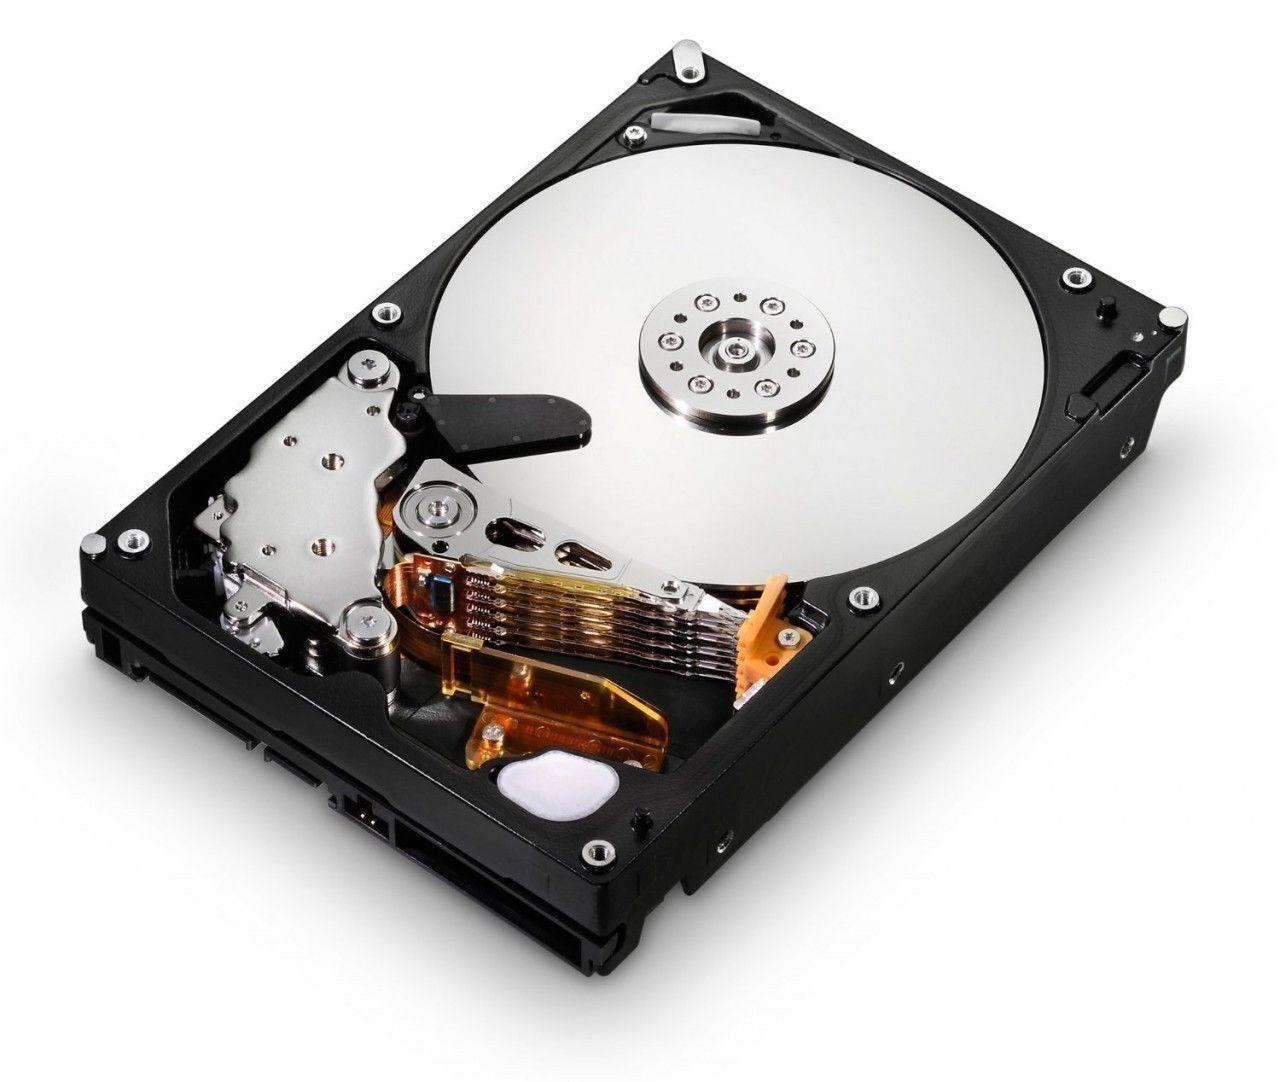 6465b 6470b 6475b 6460b 6540b New 500GB Hard Drive for HP ProBook 6545b